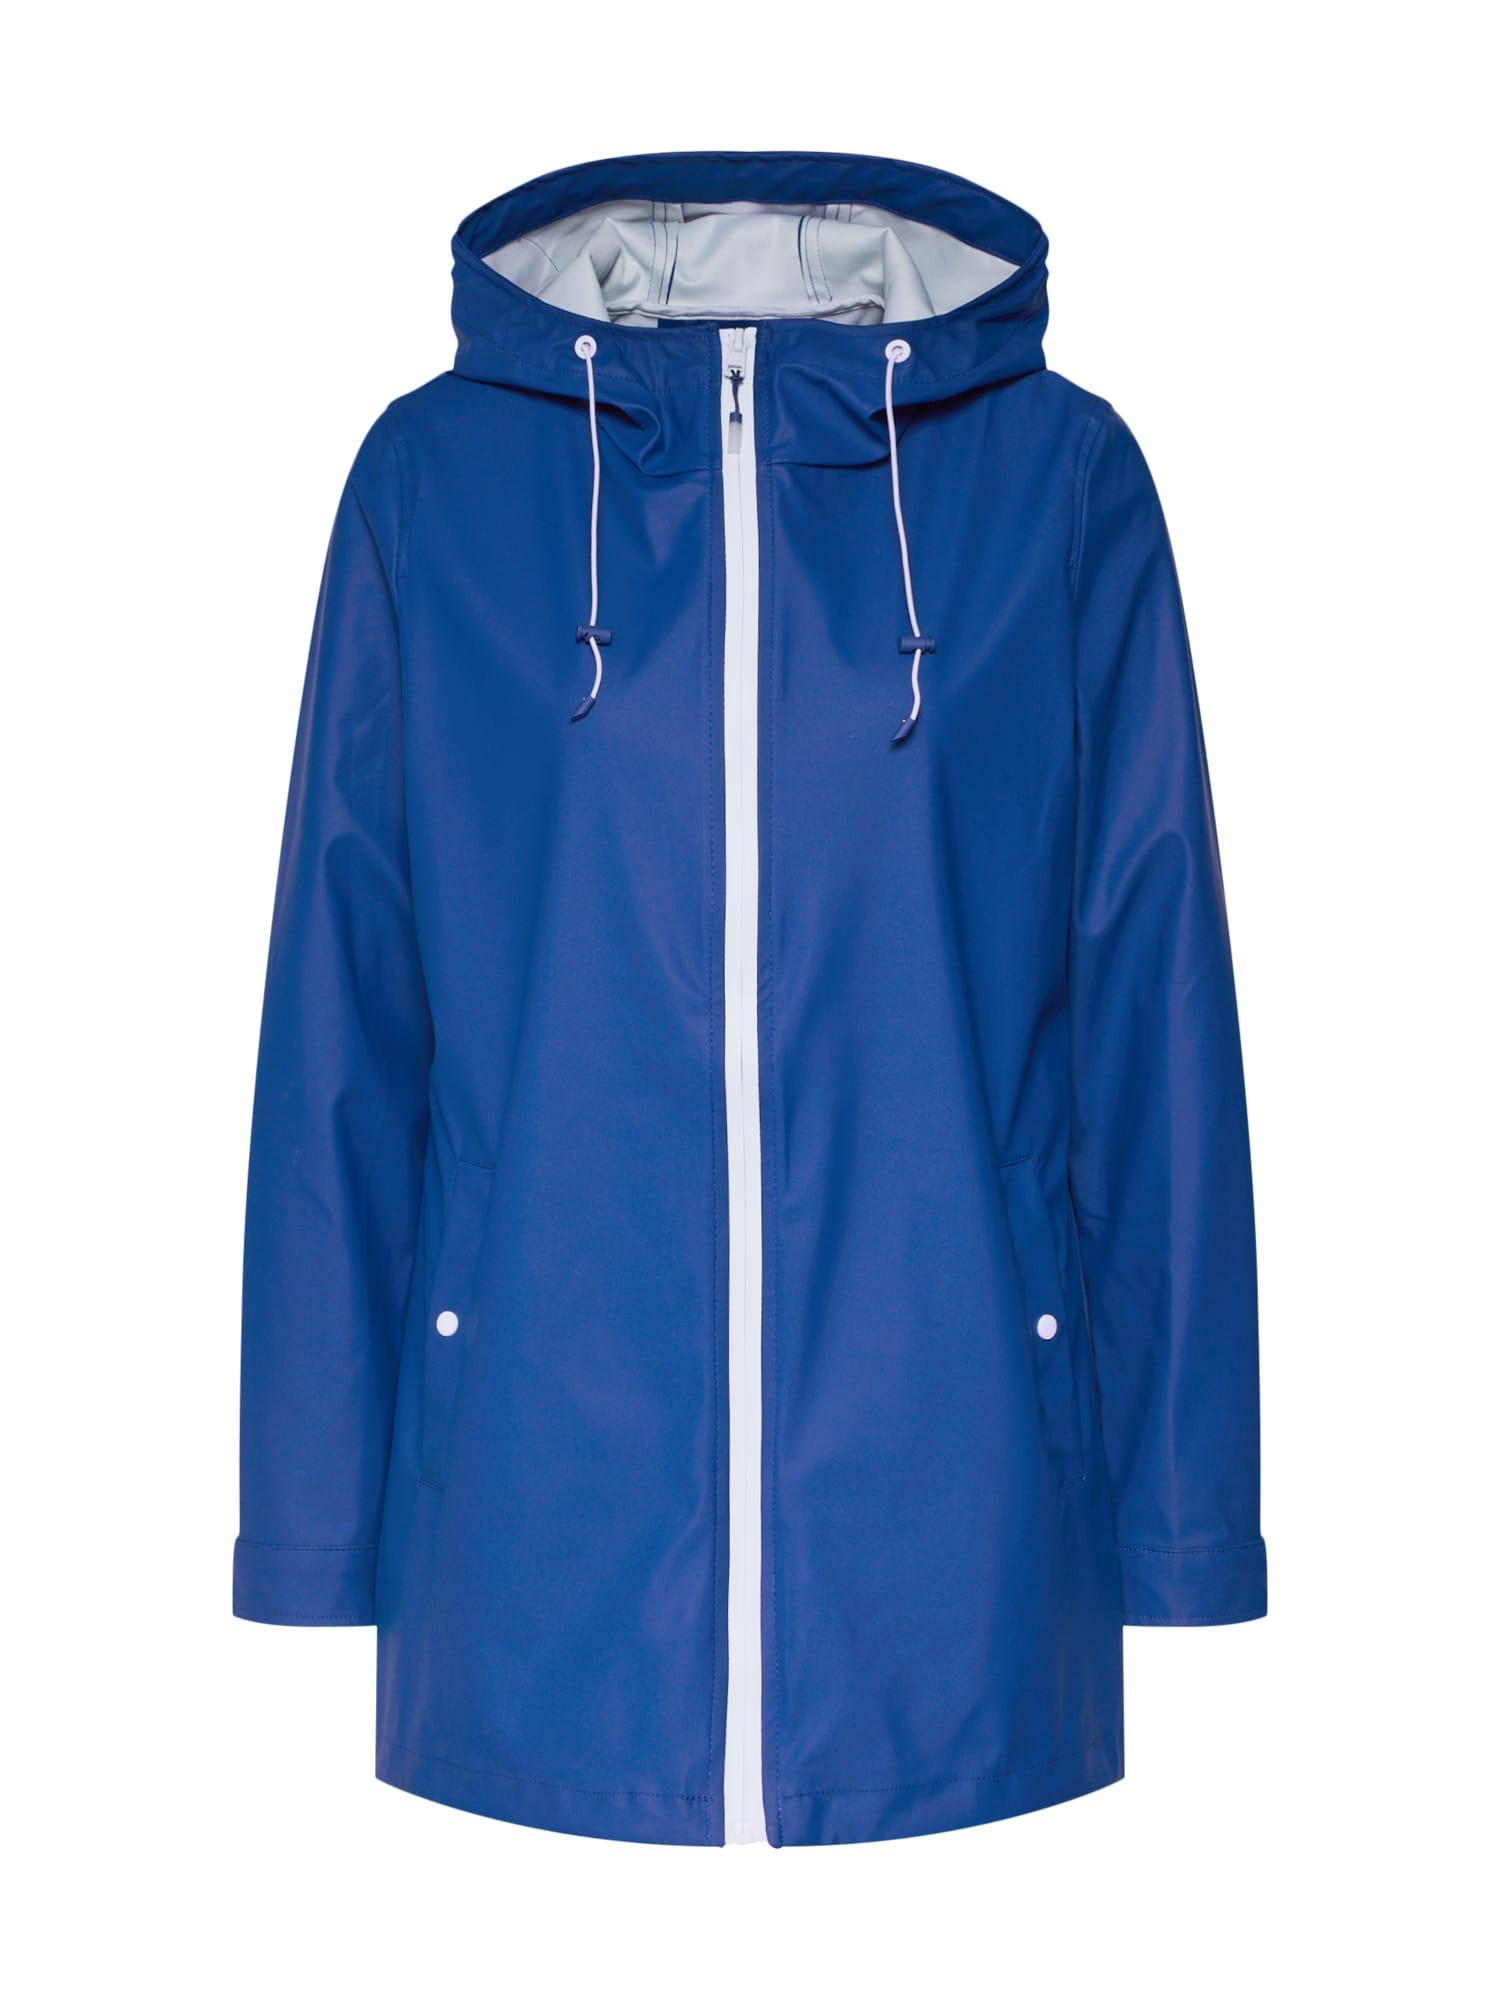 Přechodný kabát onlWINDY RAINCOAT námořnická modř ONLY